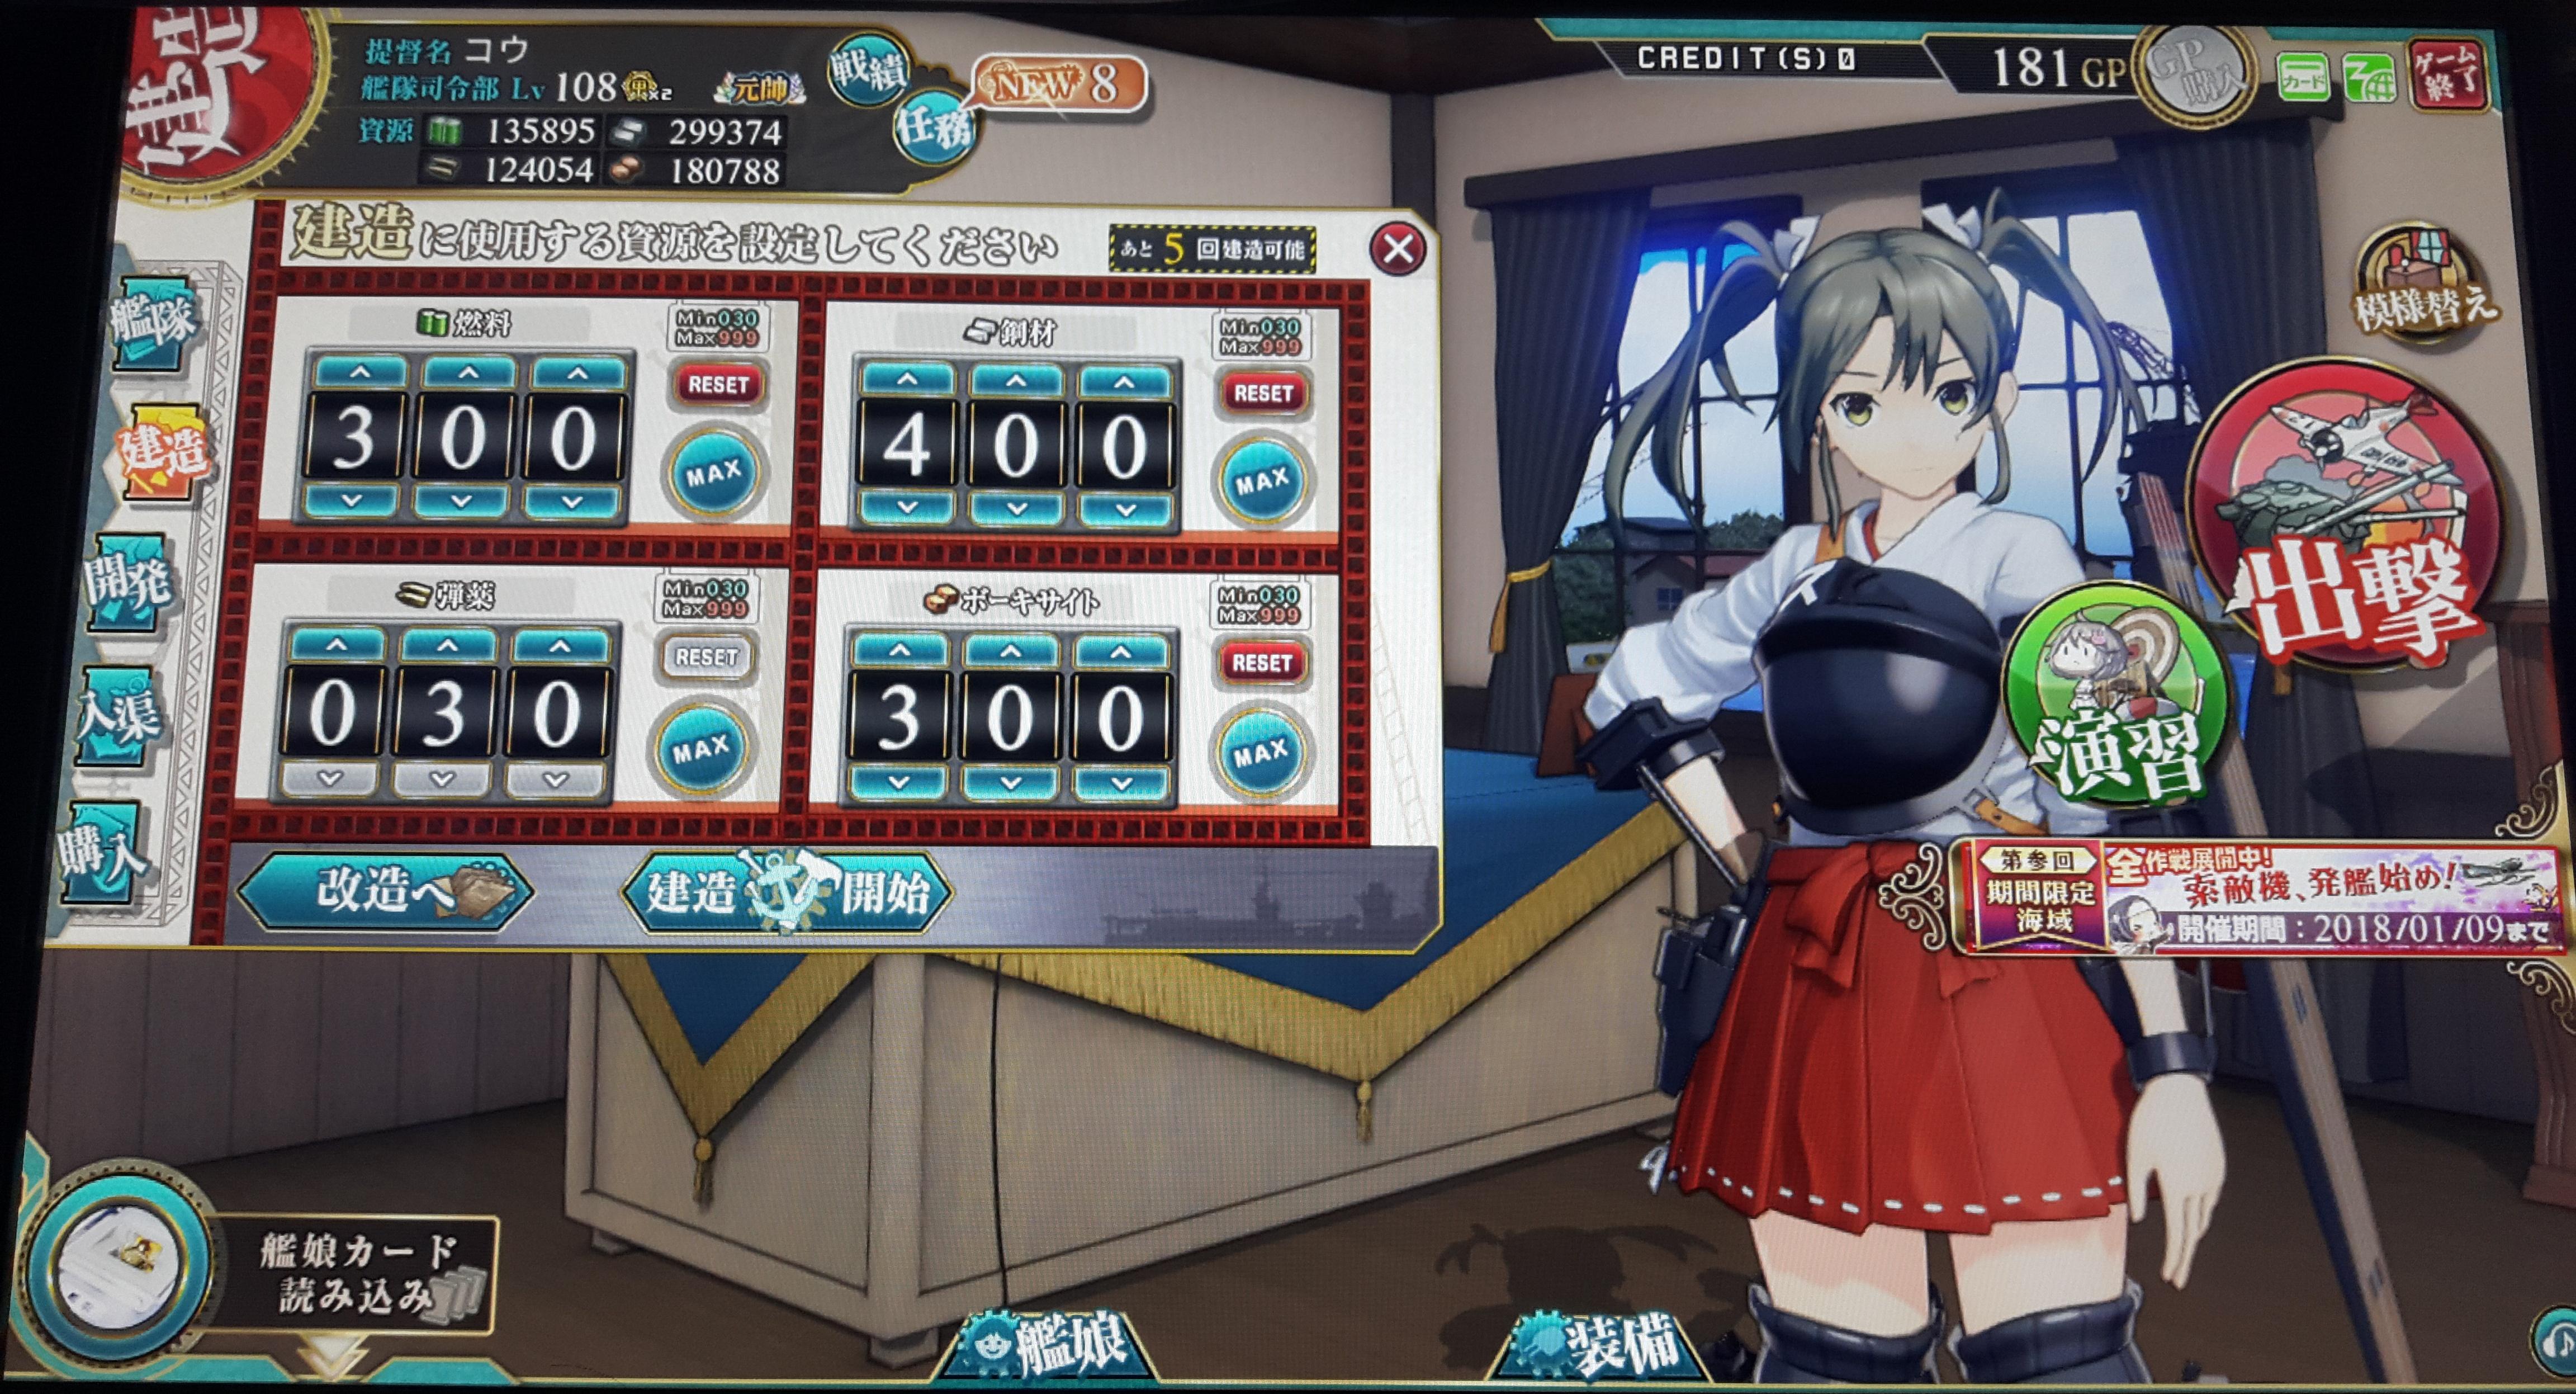 【AC】毎年恒例!? 艦これアーケード建造30連お賽銭ガチャ!!